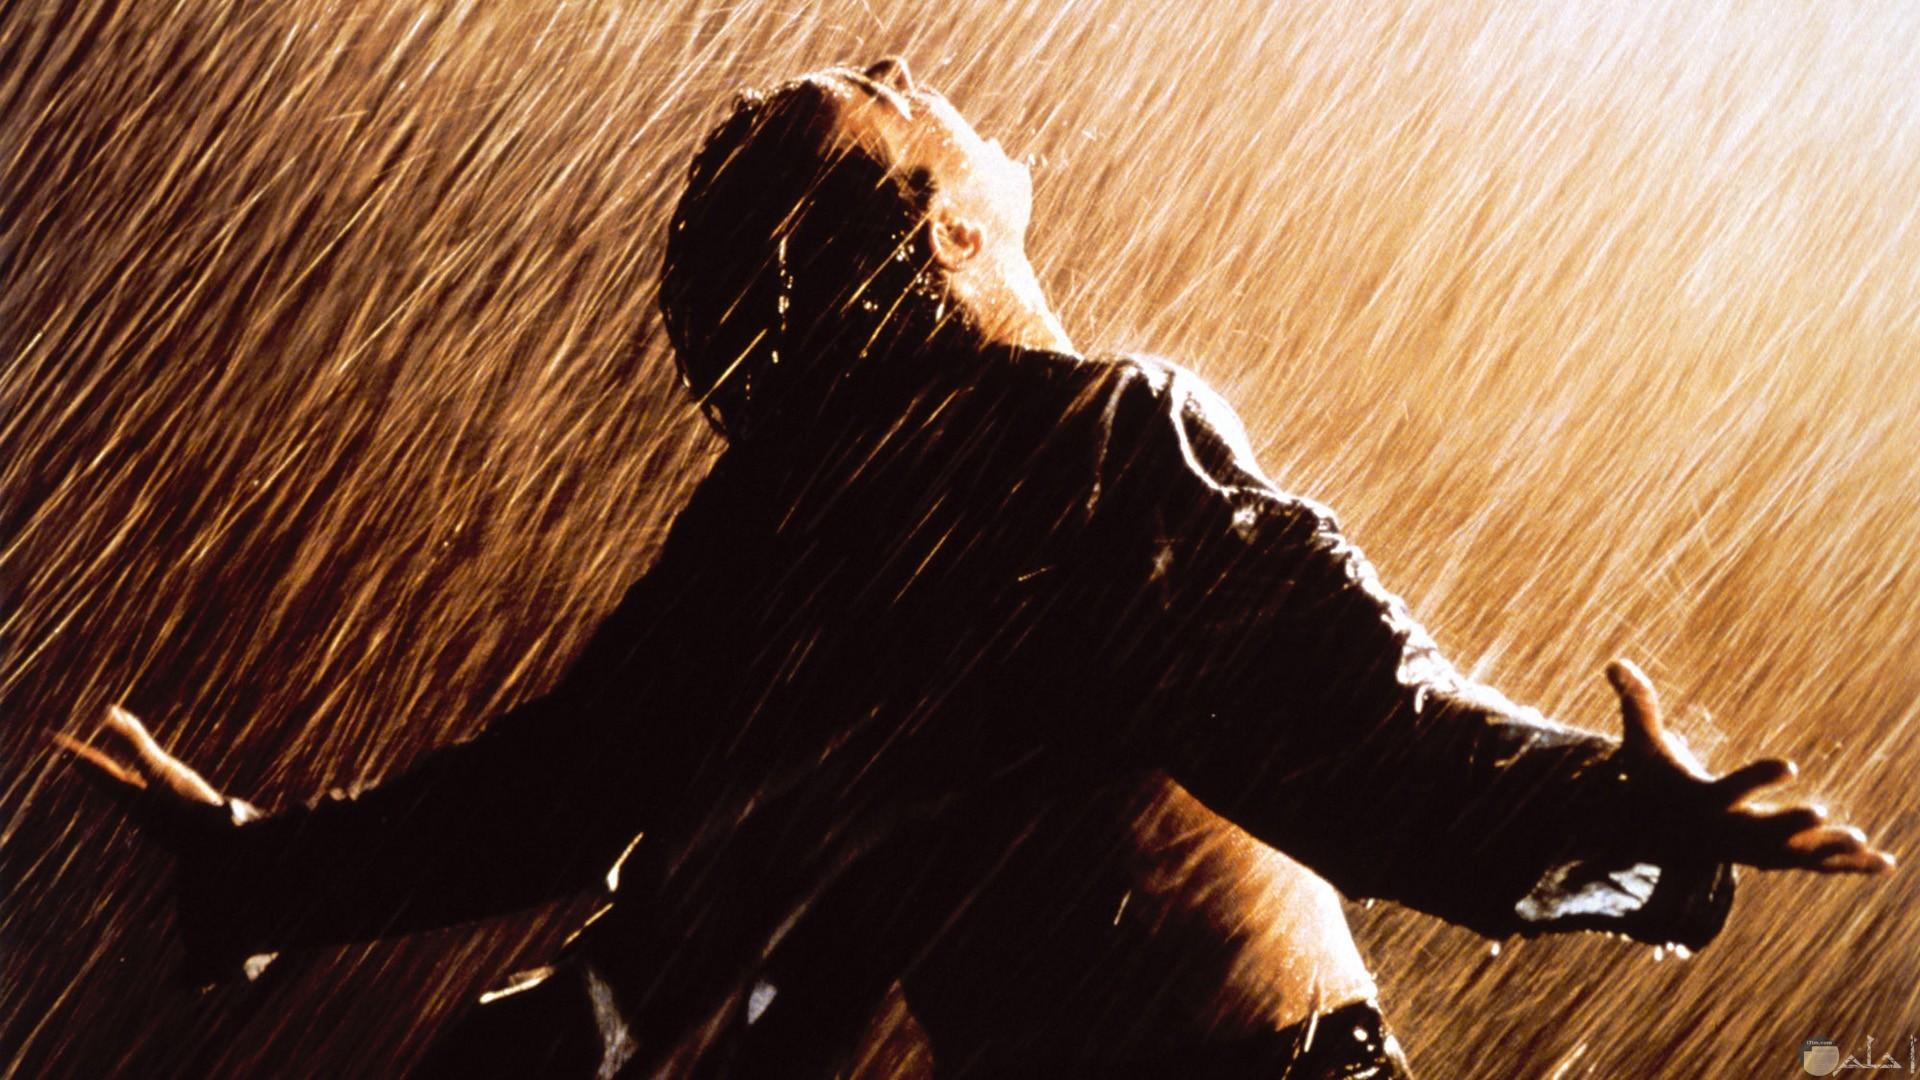 صورة تعبر عن حب المطر.